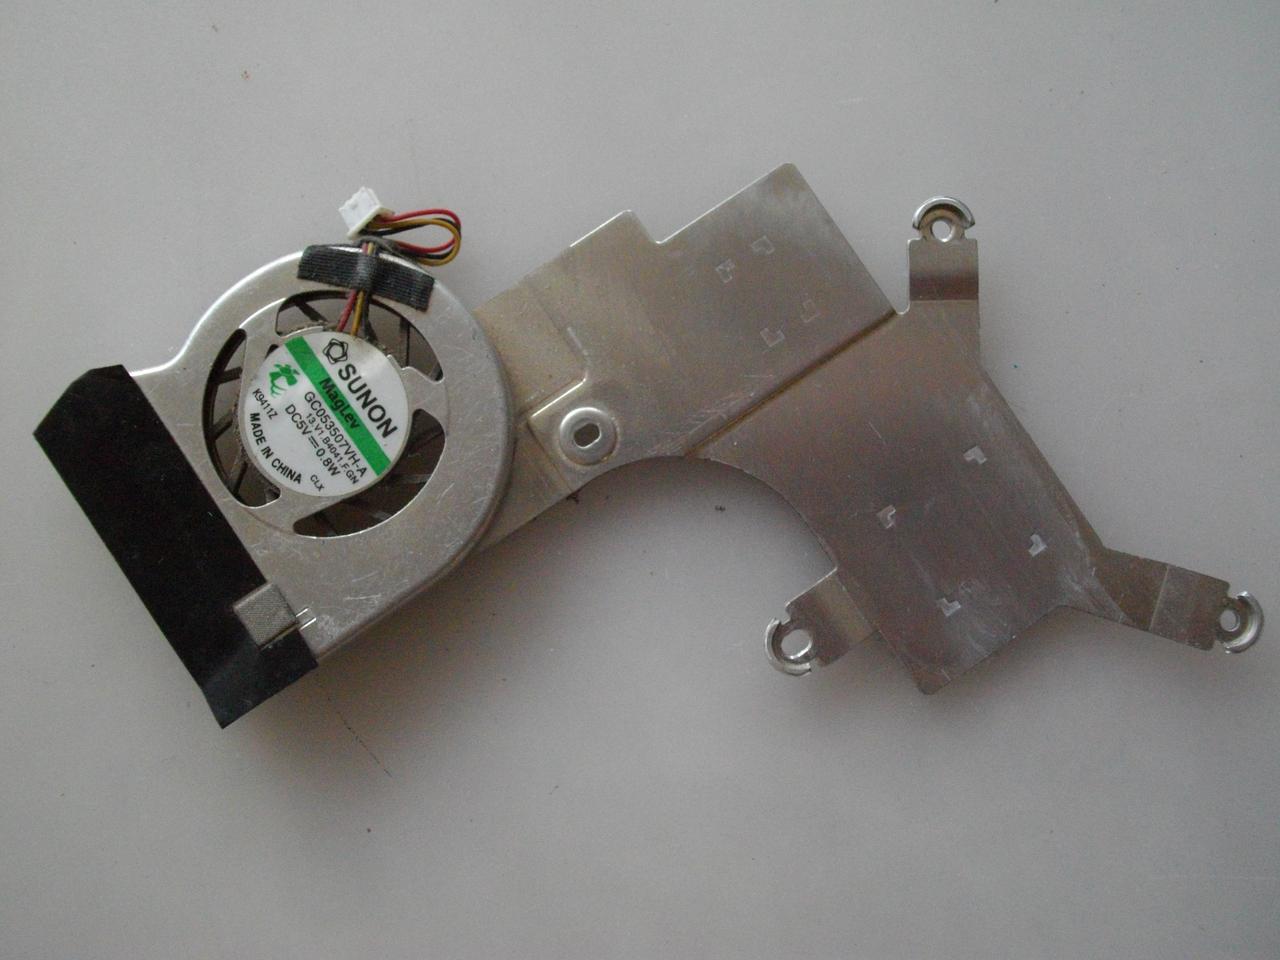 Вентилятор, система охлаждения, SUNON GC053507VH-A ОРИГИНАЛЬНЫЙ бу Acer Aspire One D250 (KAV60) бу